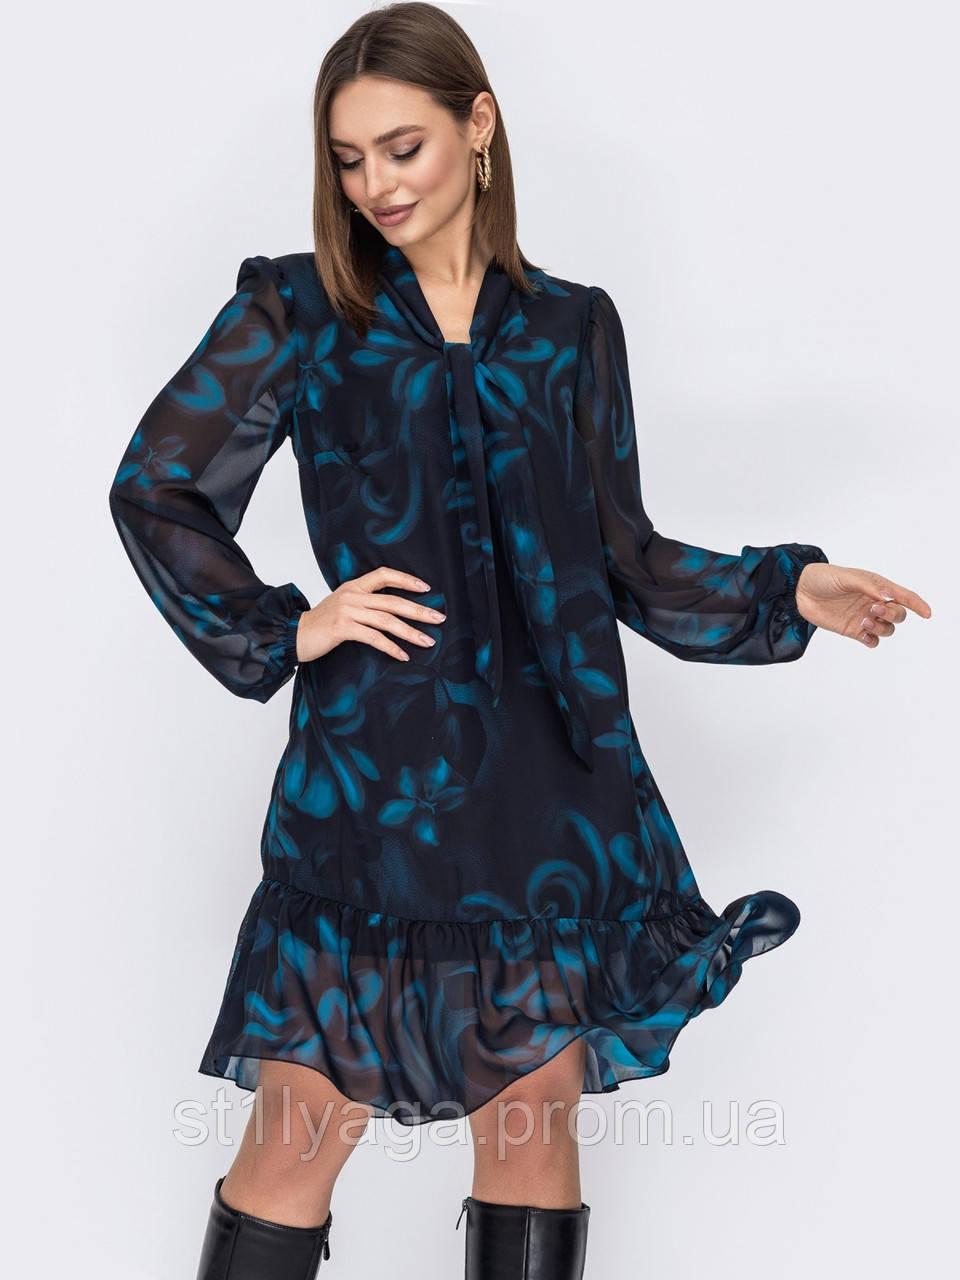 Платье из шифона в цветочный принт с воланом по низу